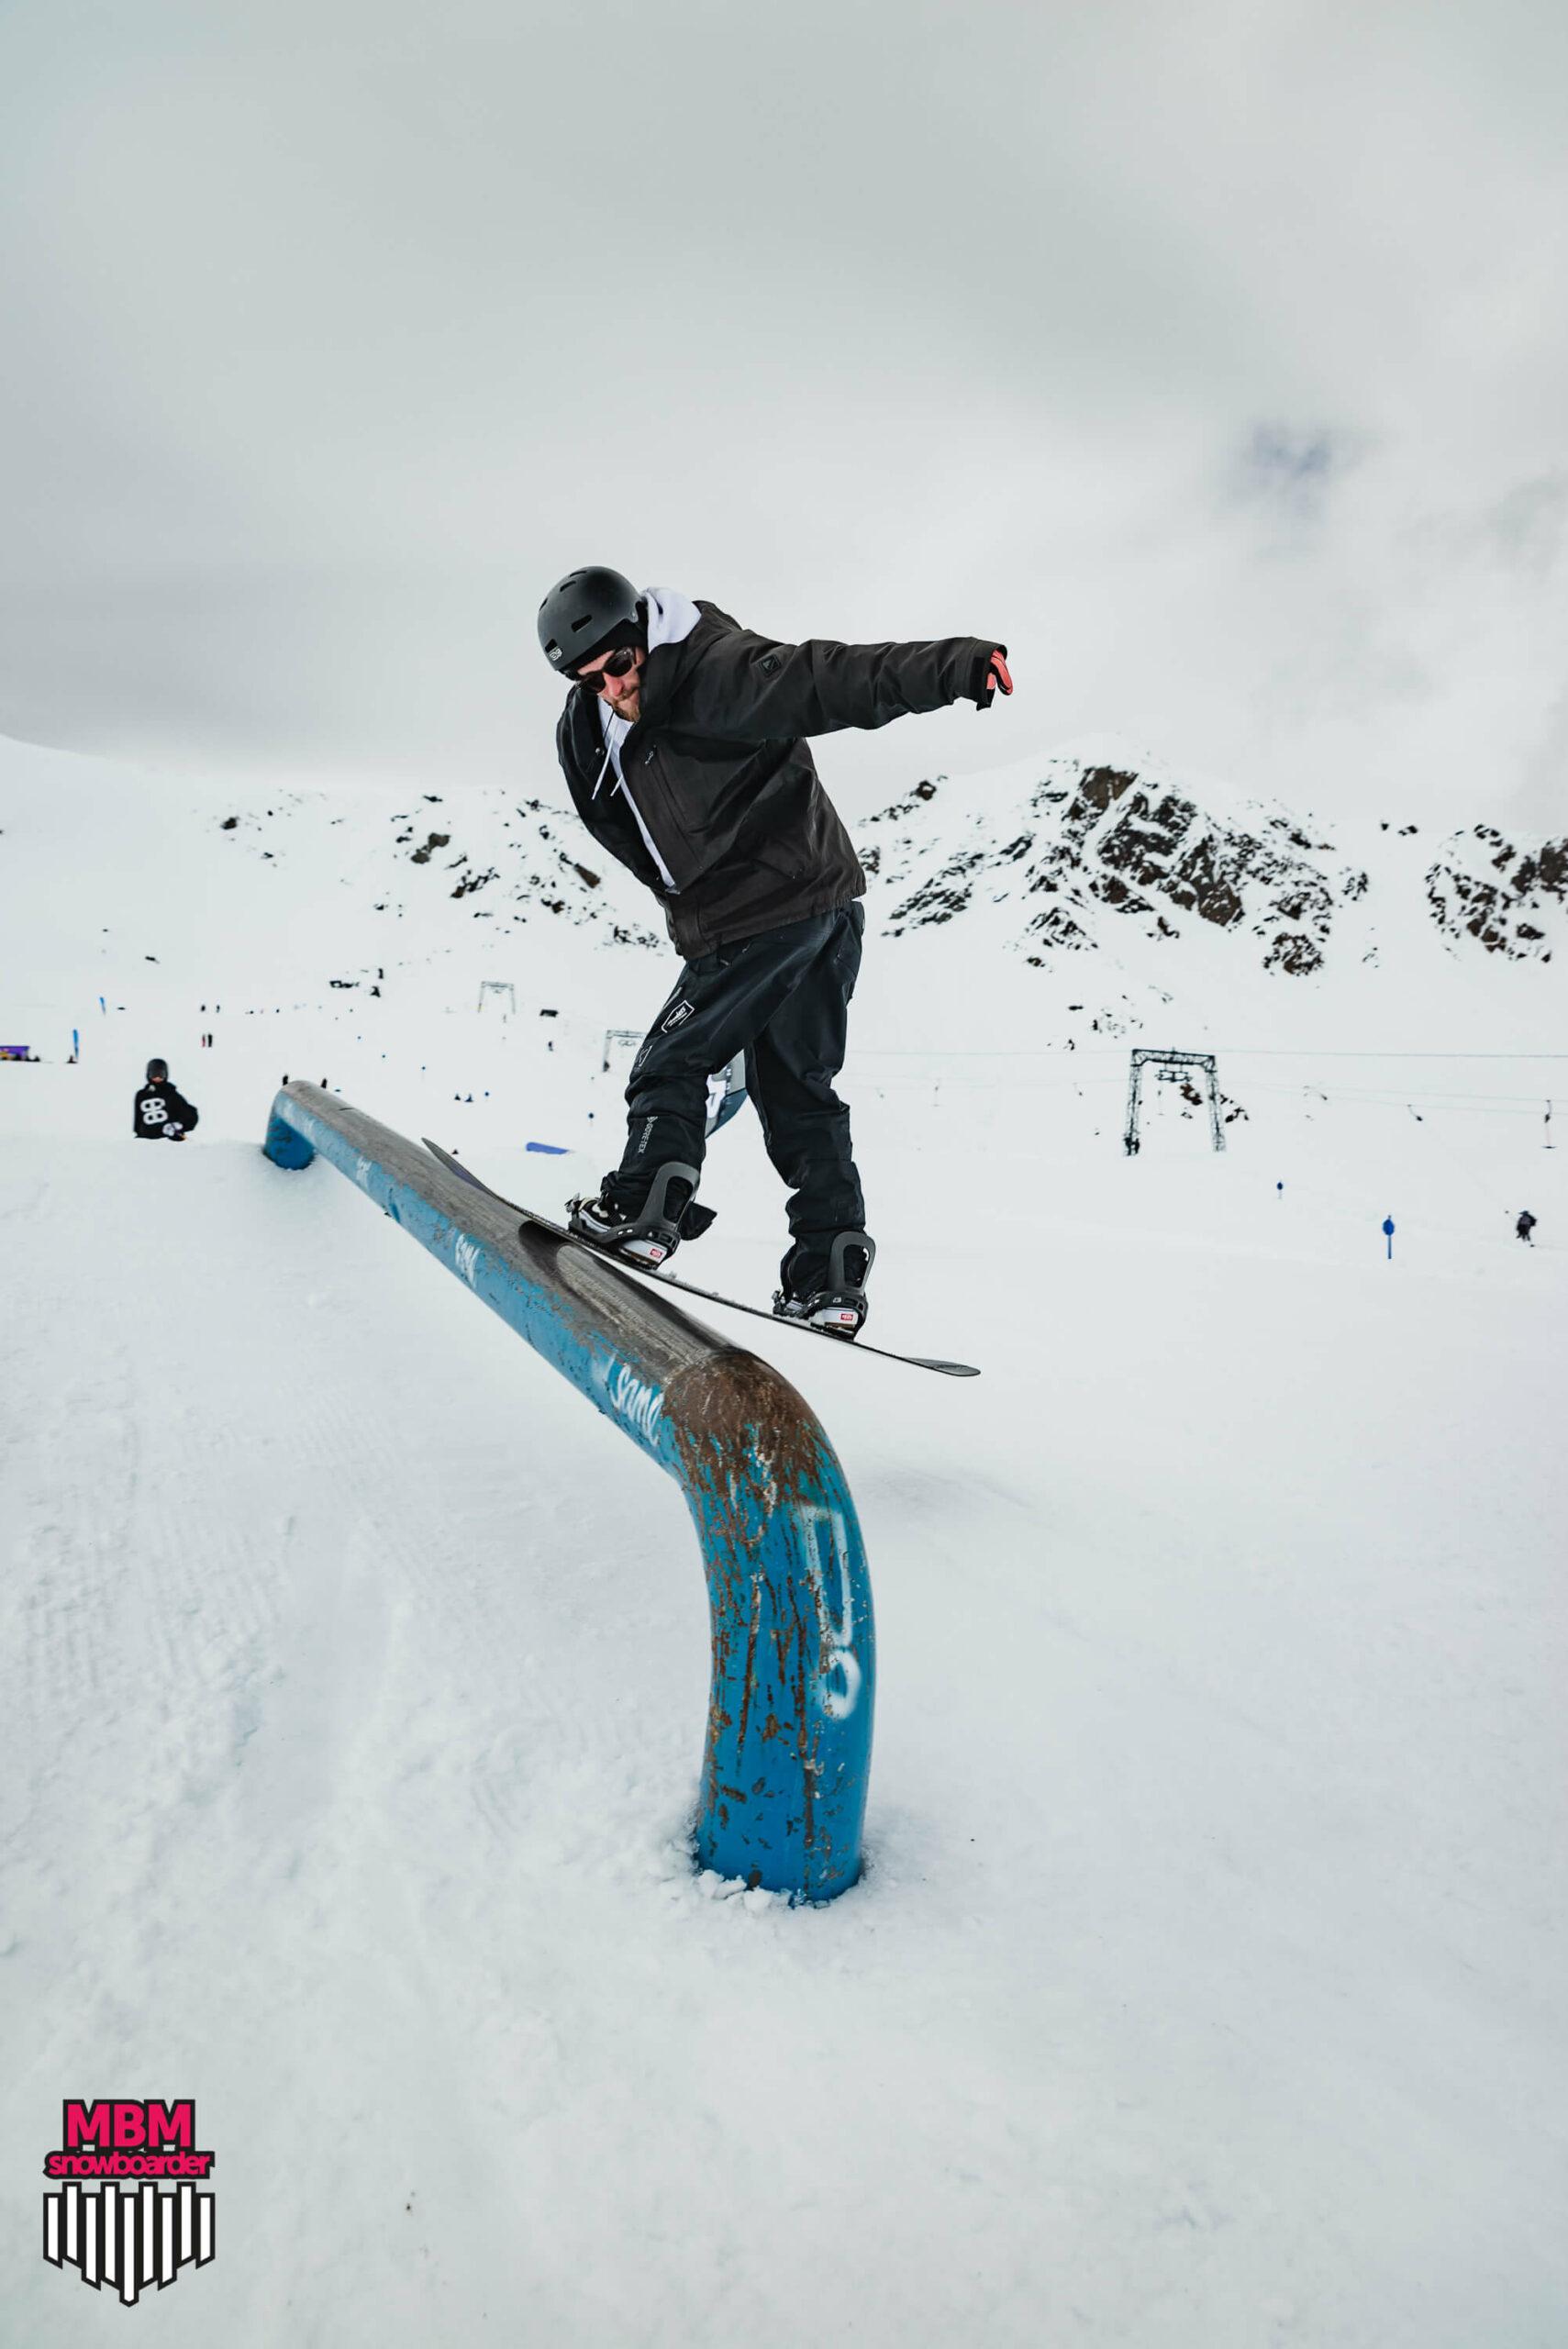 snowboarderMBM_sd_kaunertal_051